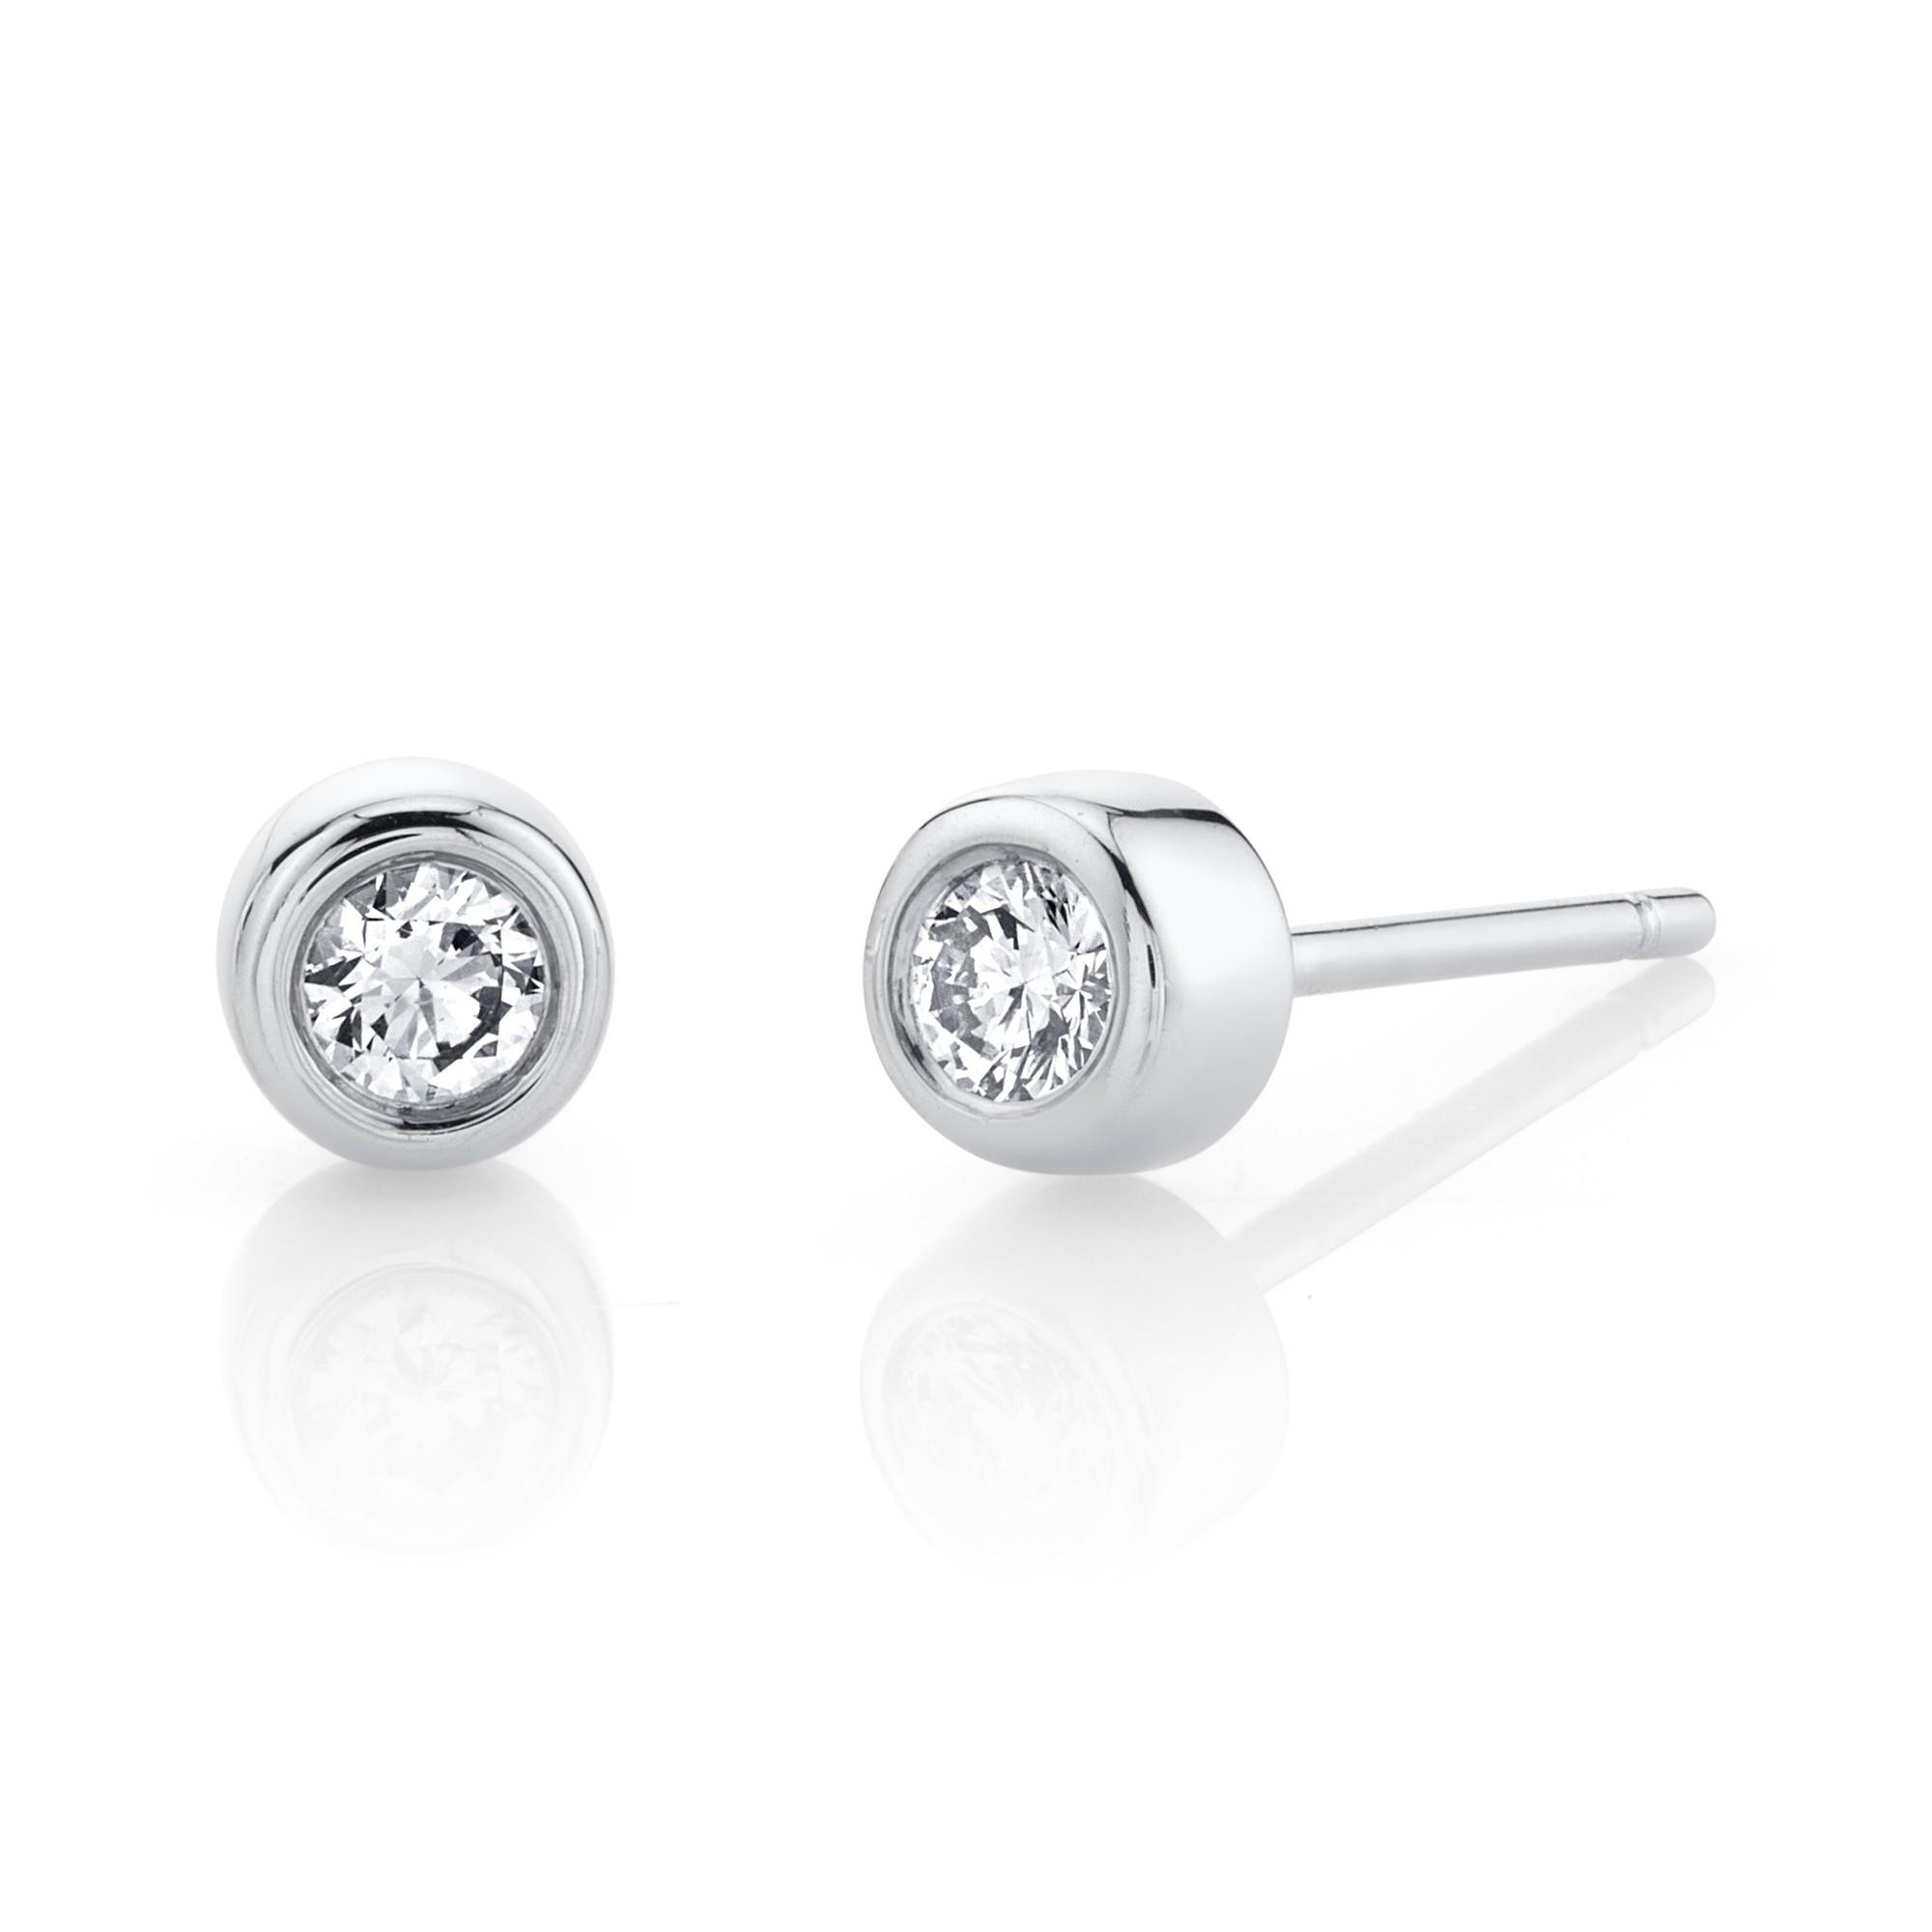 14k White Gold Bezel Set Diamond Stud Earrings